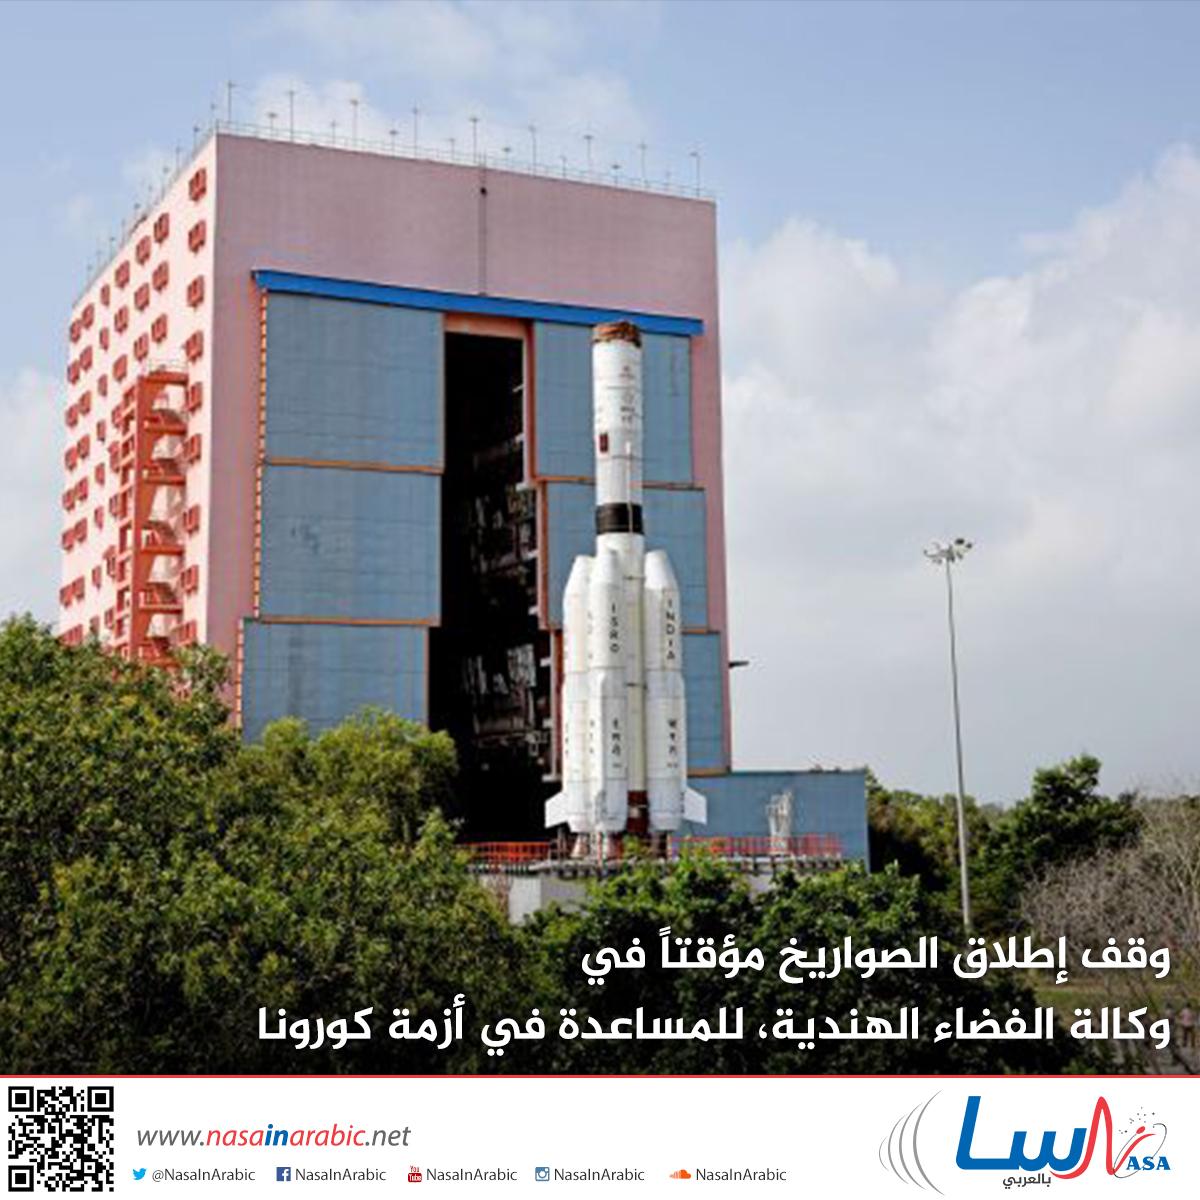 وقف إطلاق الصواريخ مؤقتاً بوكالة الفضاء الهندية، للمساعدة في أزمة كورونا